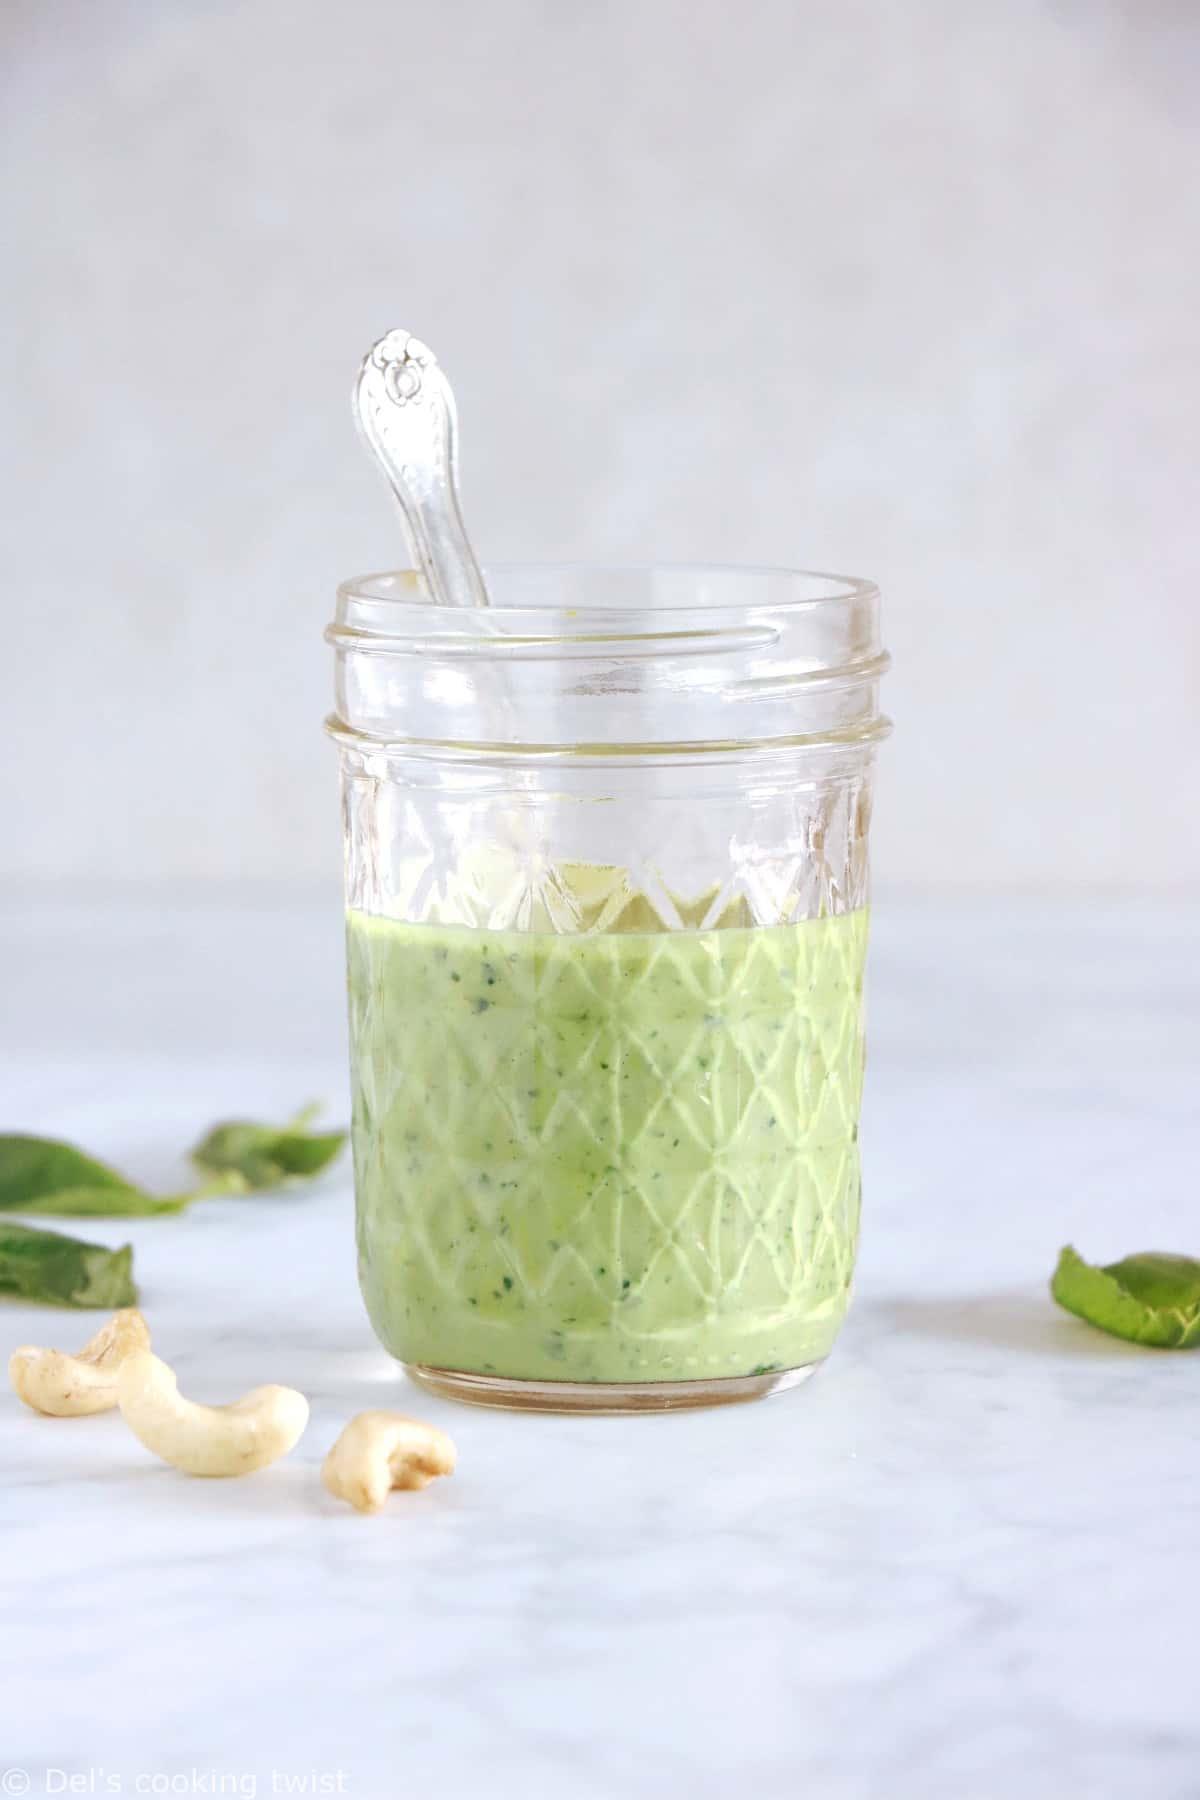 Avec seulement 5 minutes de préparation, cette sauce vegan basilic et noix de cajou égaiera vos salades, légumes rôtis et autres plats végétariens. Ou bien transformez-la en version pesto vegan pour servir avec vos pâtes. Un concentré de fraîcheur et de saveurs !